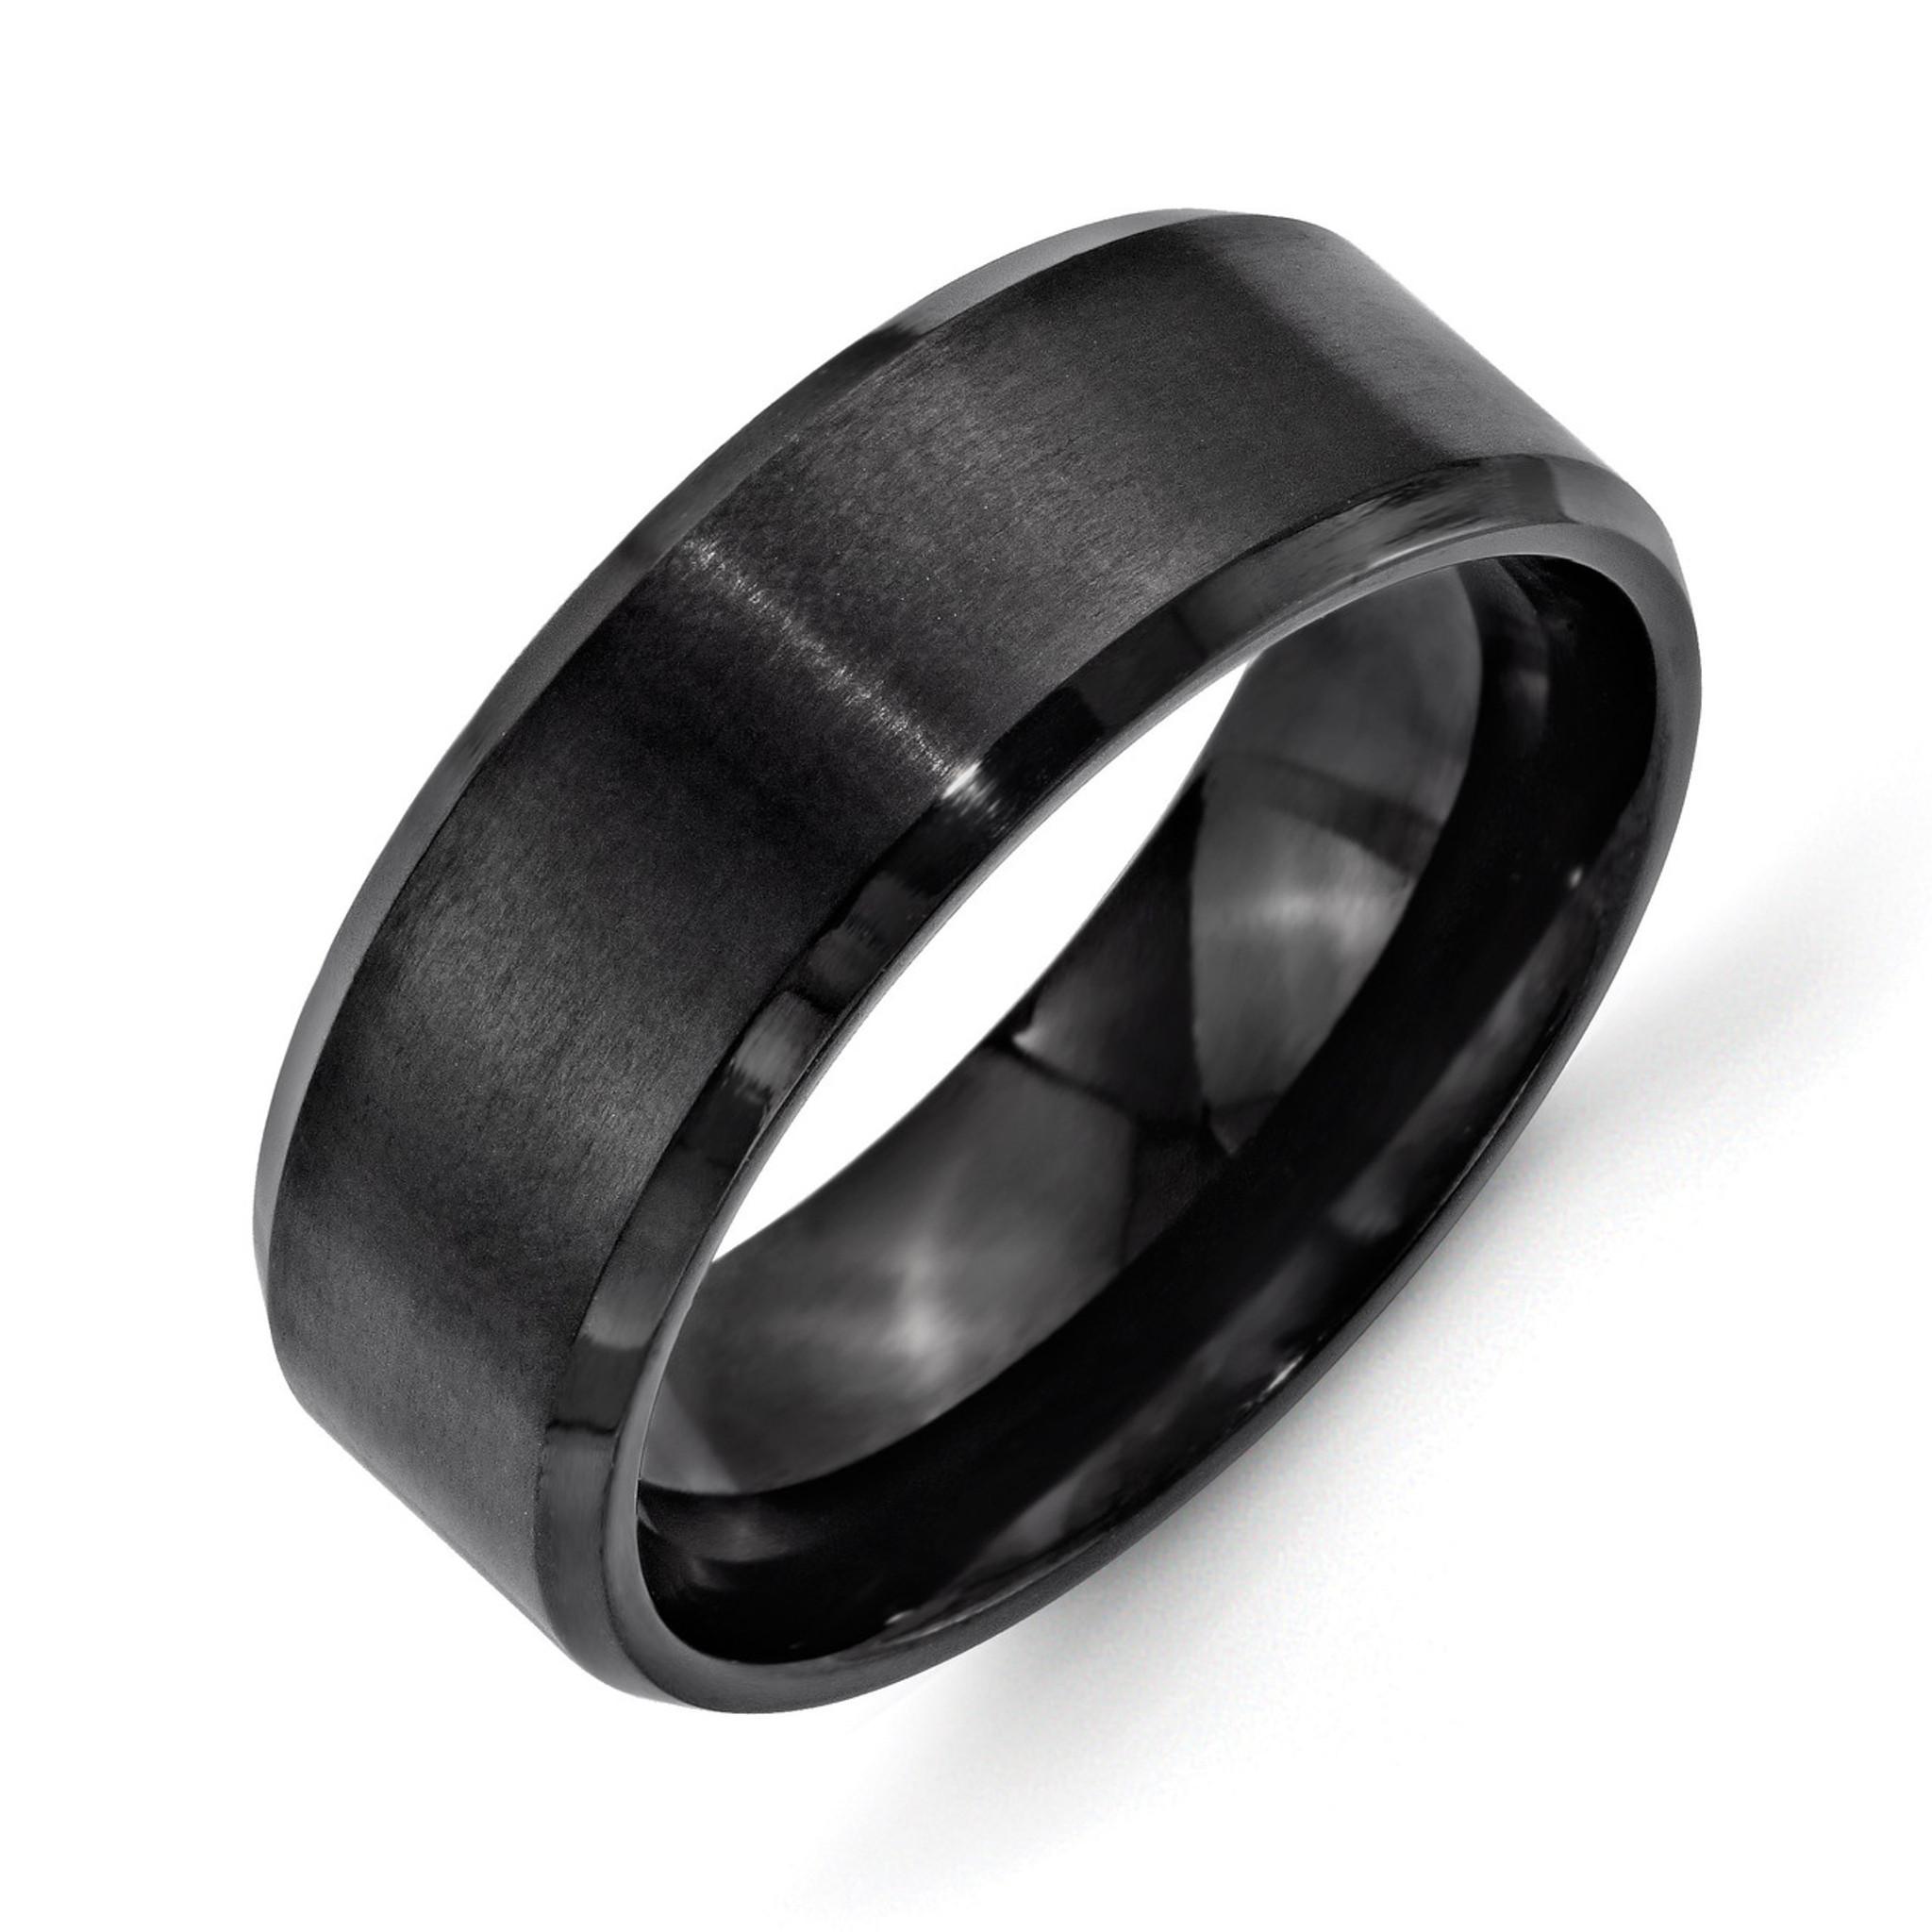 Stainless Steel 6mm Black IP-Plated Brushed//Polished Beveled Edge Wedding Band